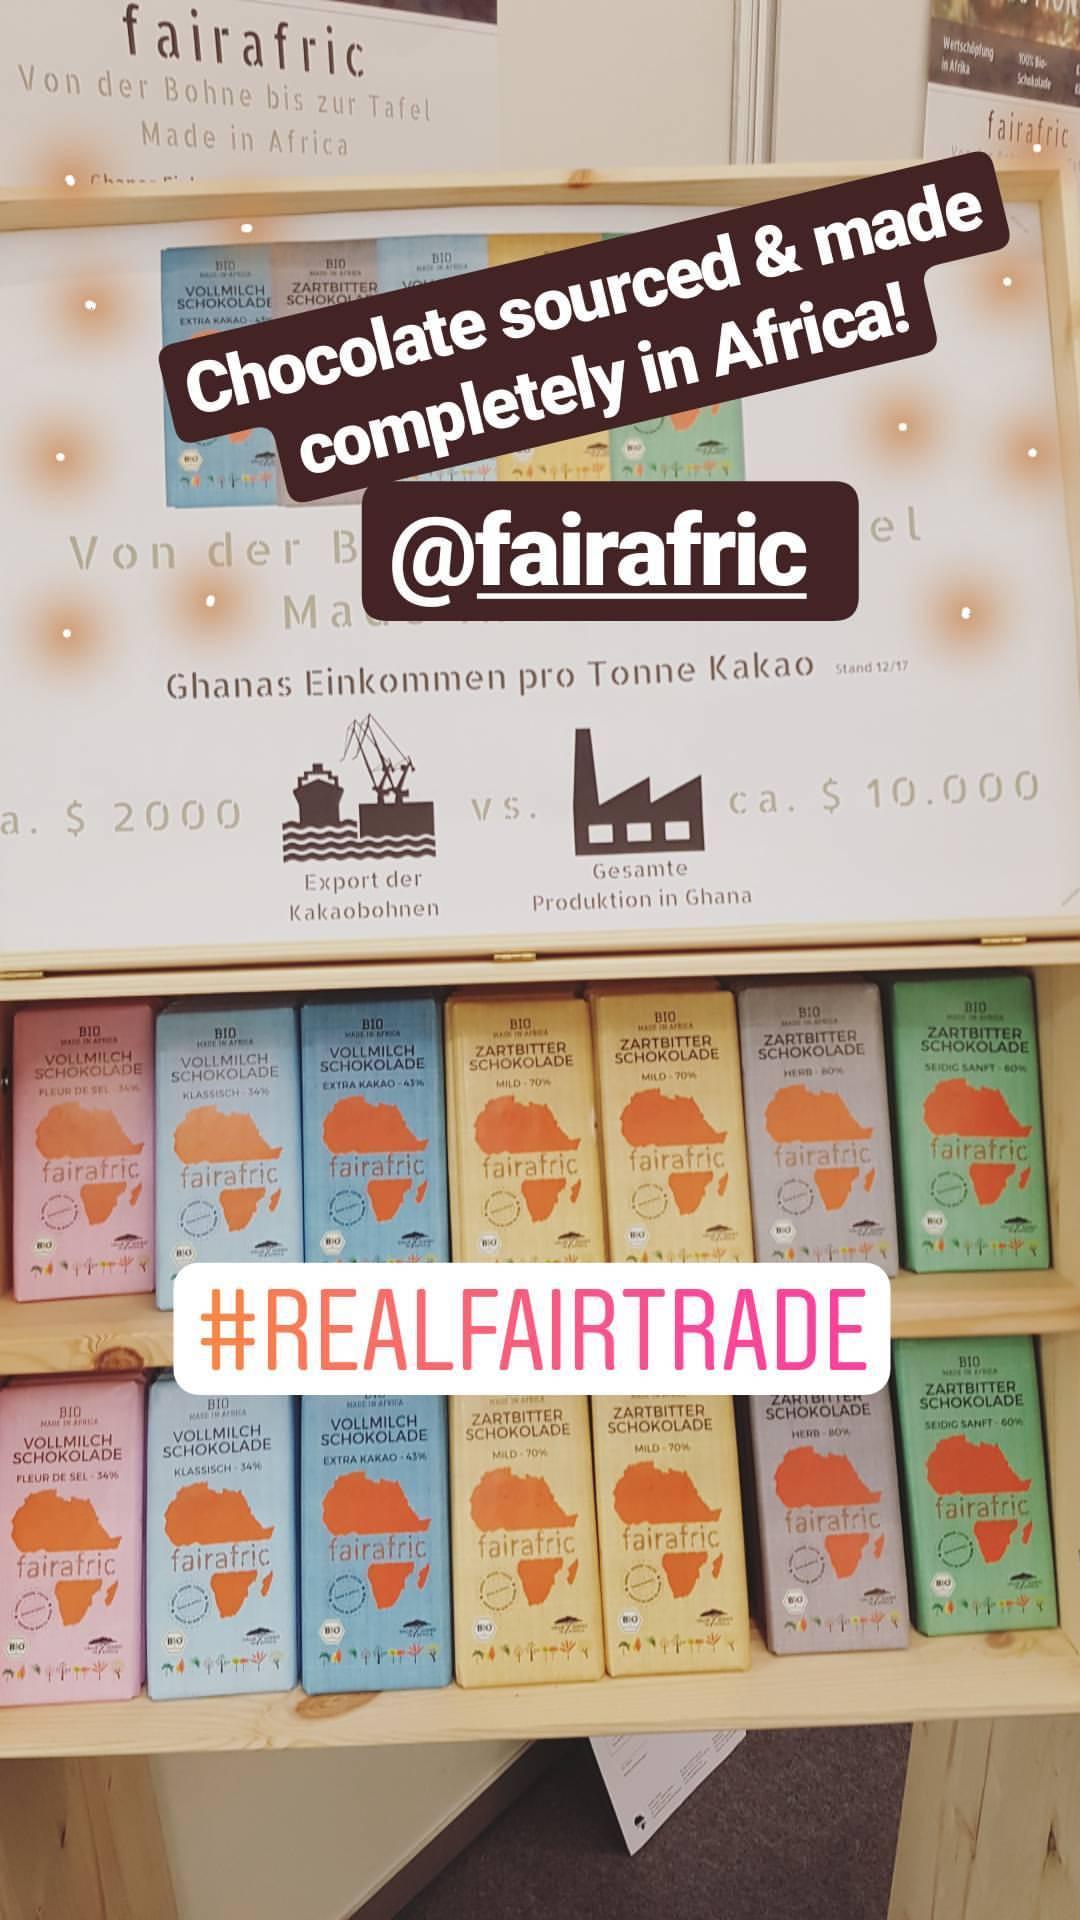 Fairafric Fair Trade Chocolate